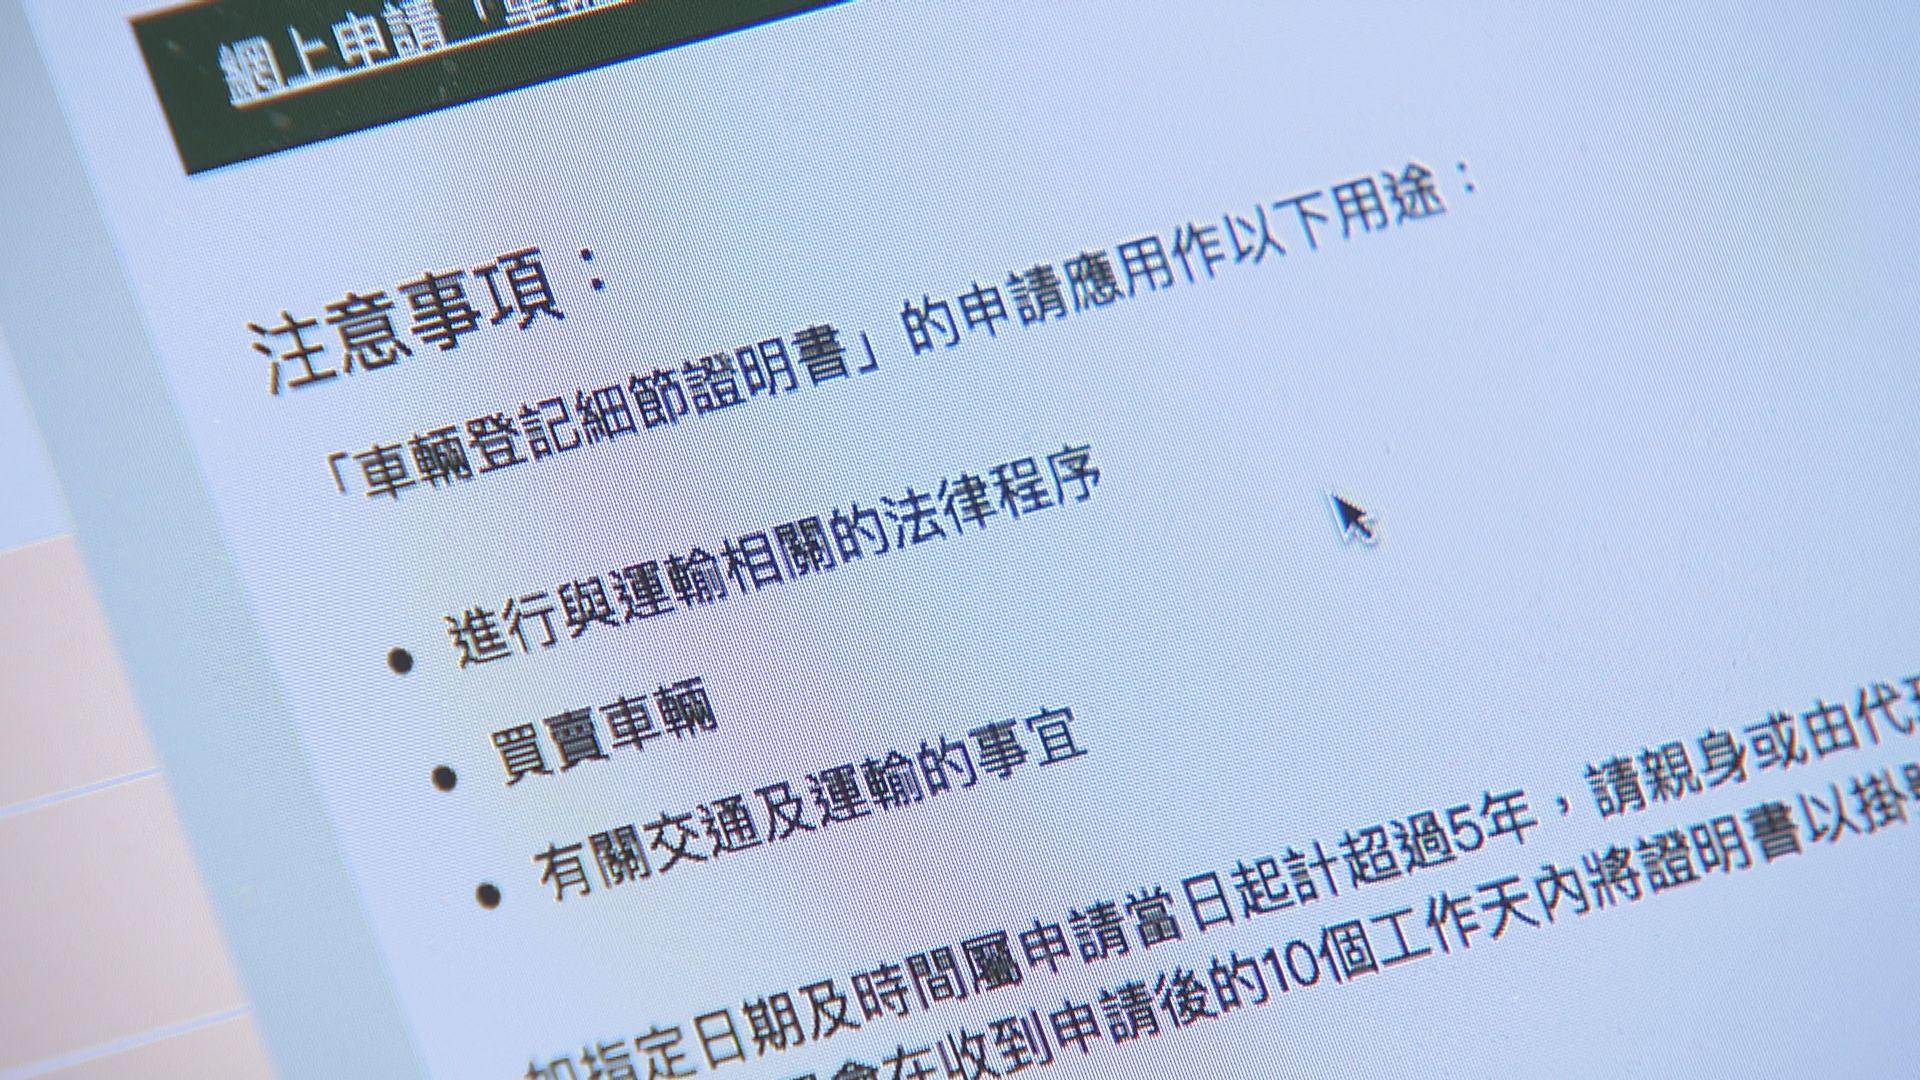 【經緯線本周提要】收緊查車牌 會計界促提供合適用途選項